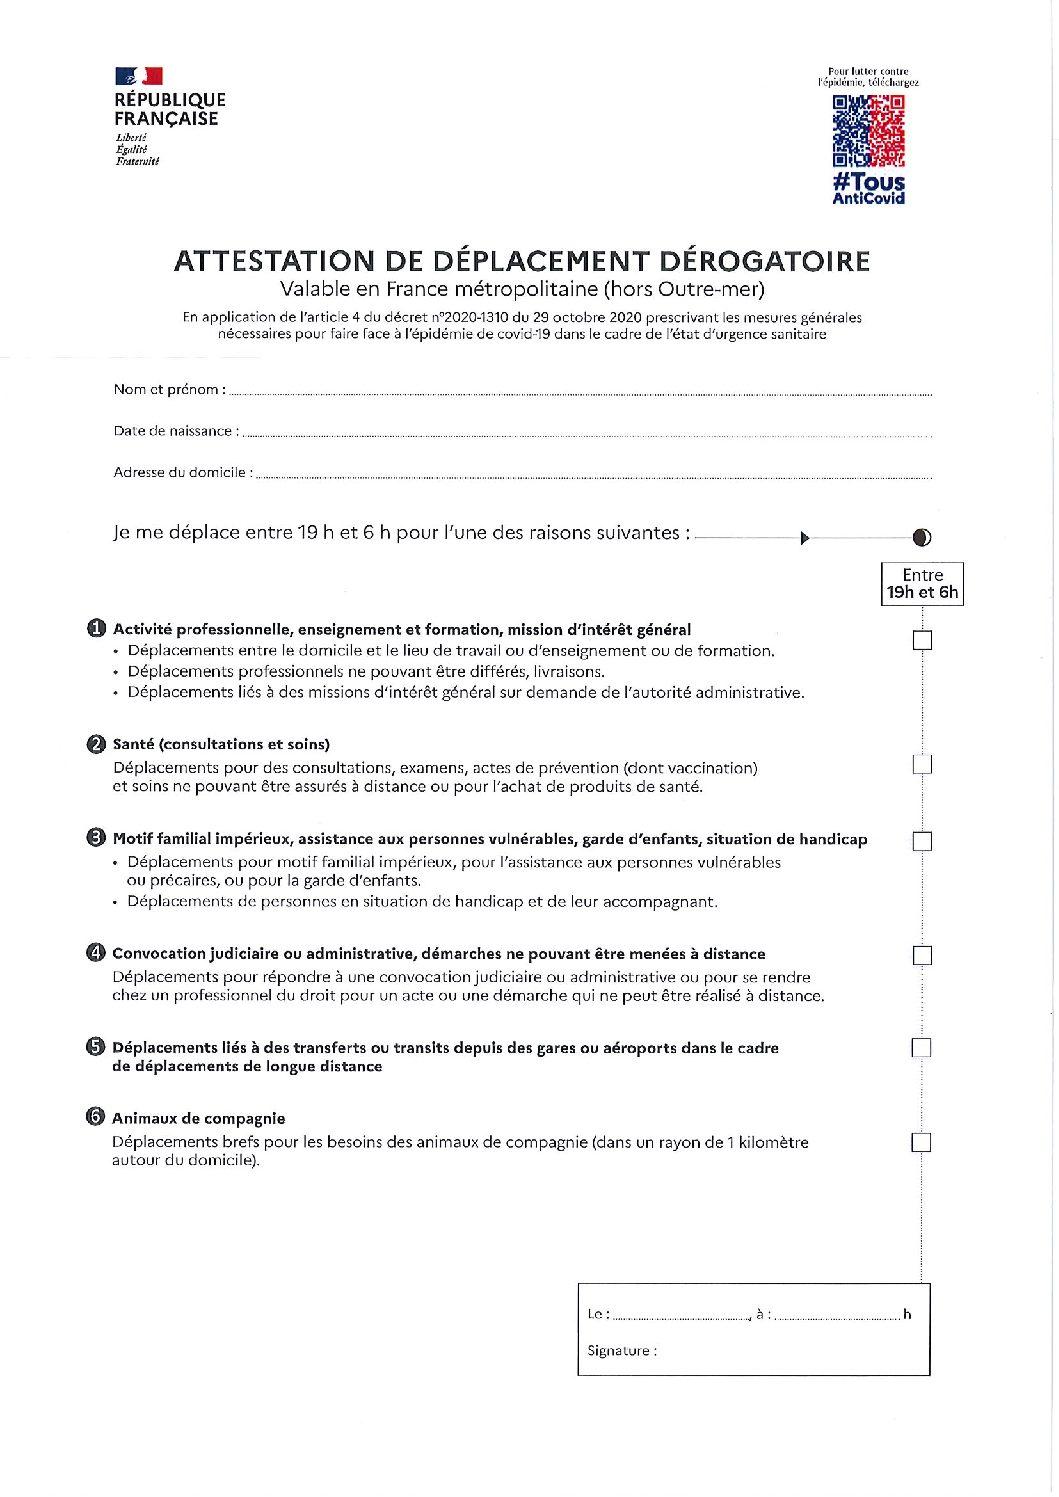 Attestation de déplacement dérogatoire entre 19h et 06h